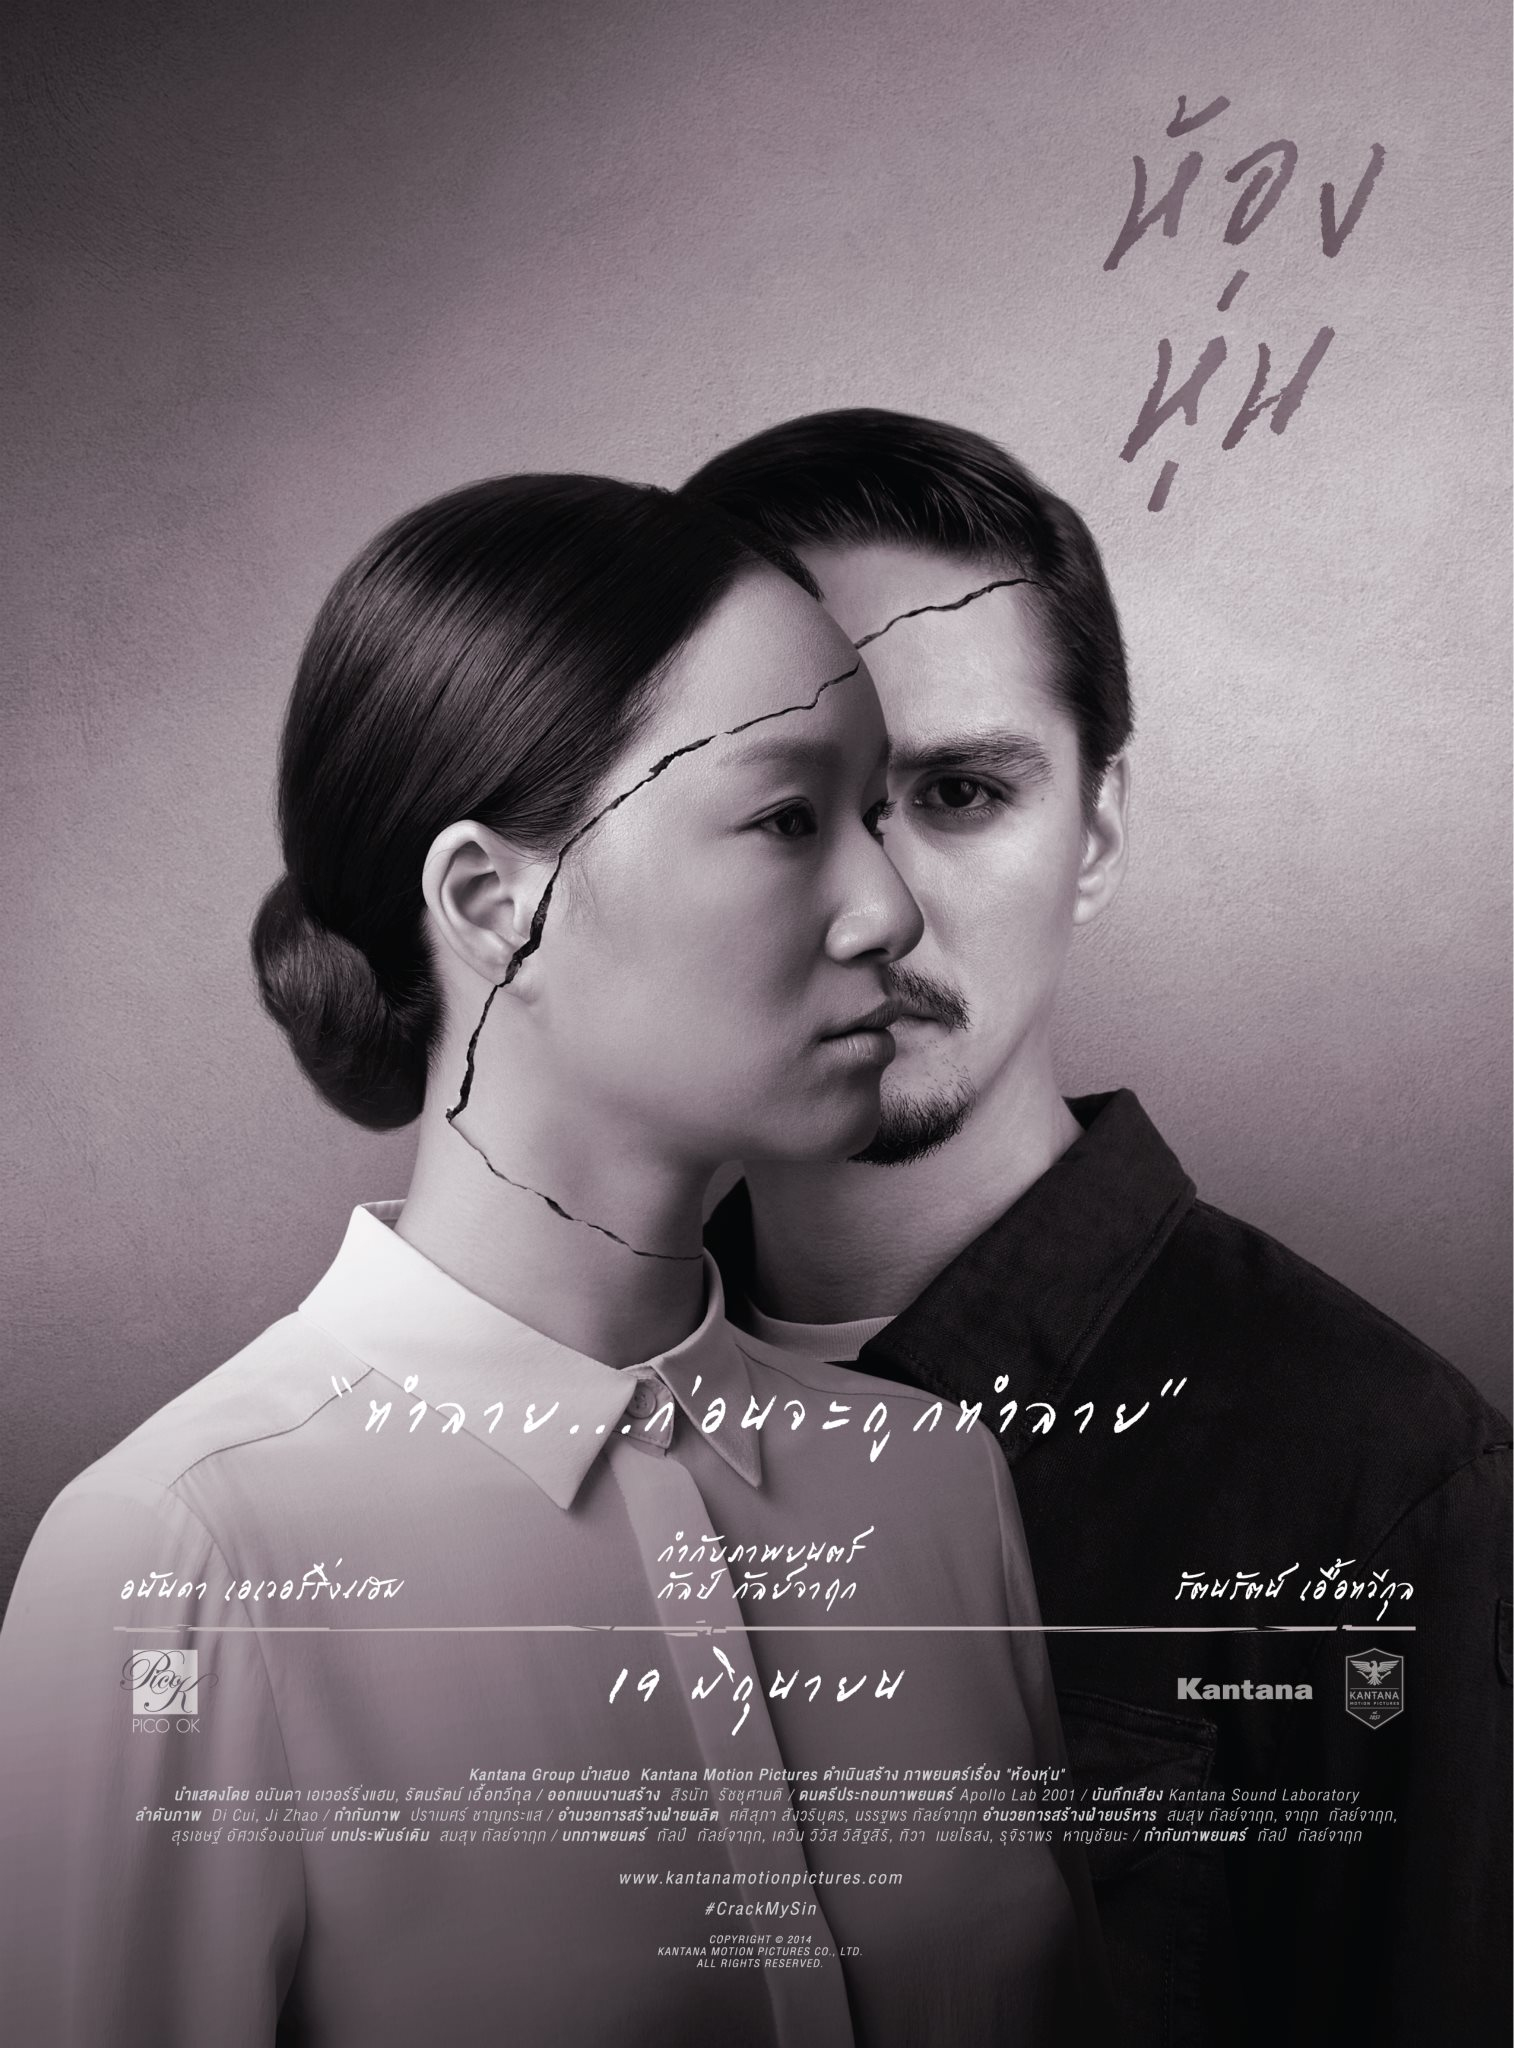 ดูหนังออนไลน์ Hong hun (2014)